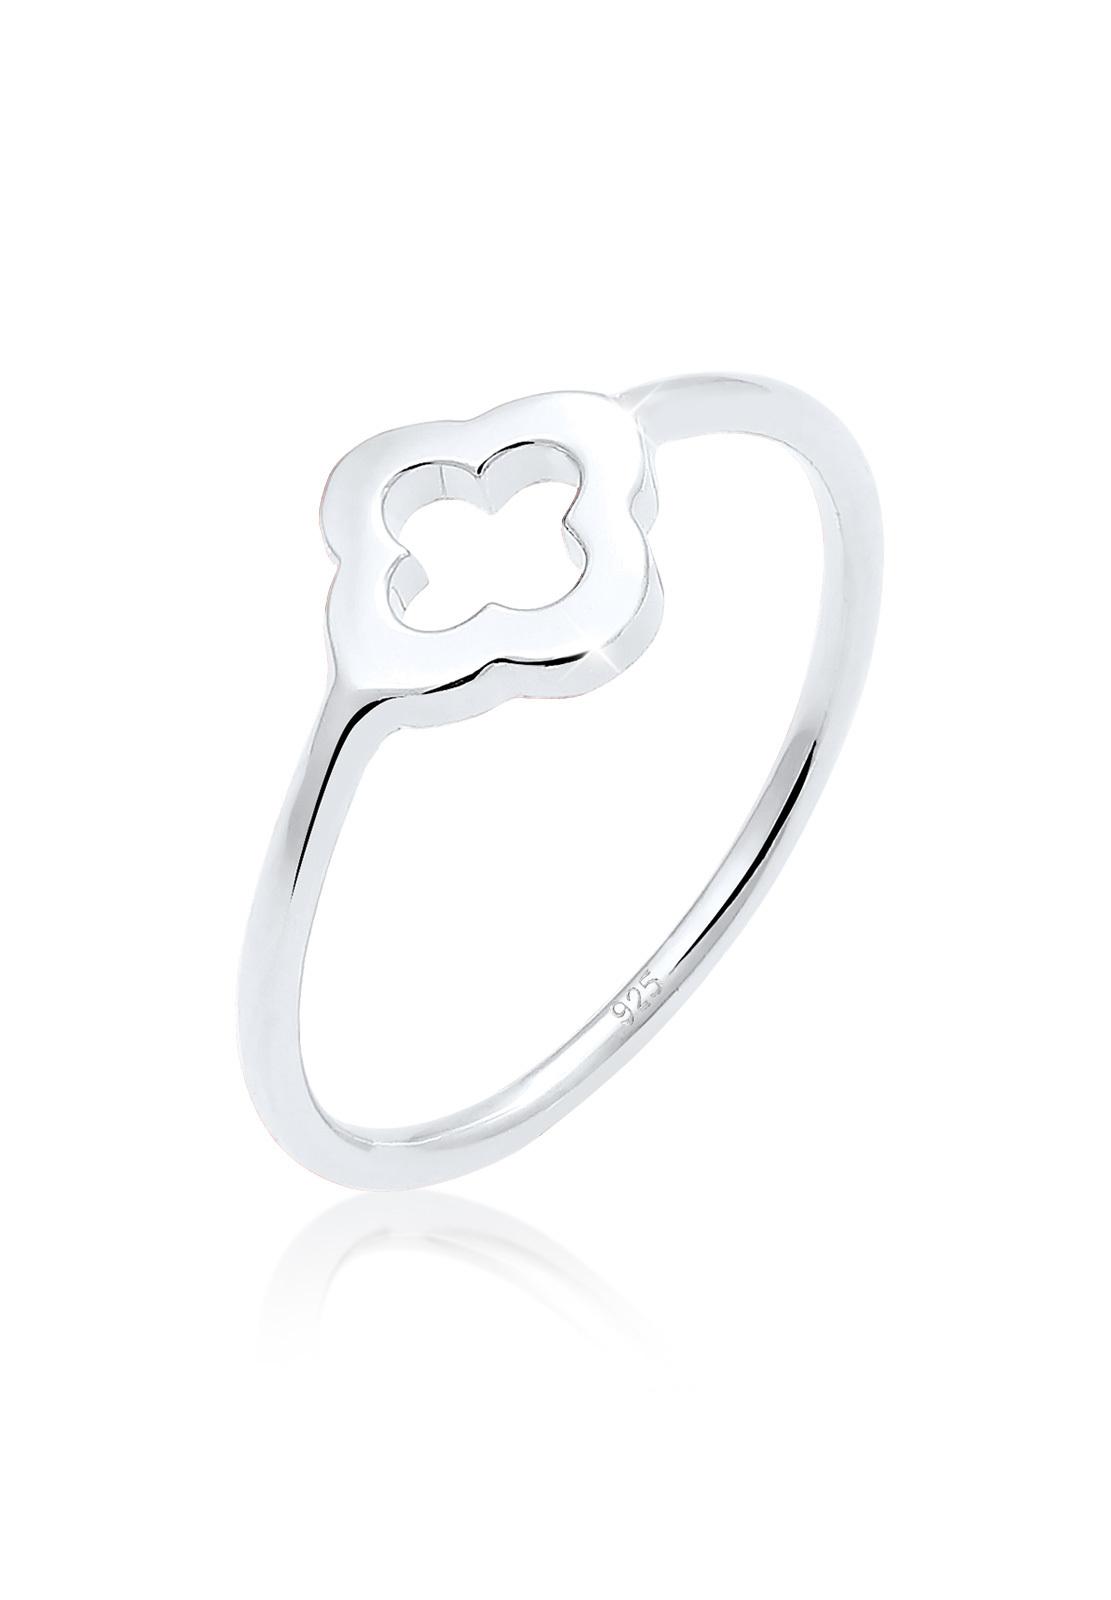 Ring Kleeblatt | 925er Sterling Silber